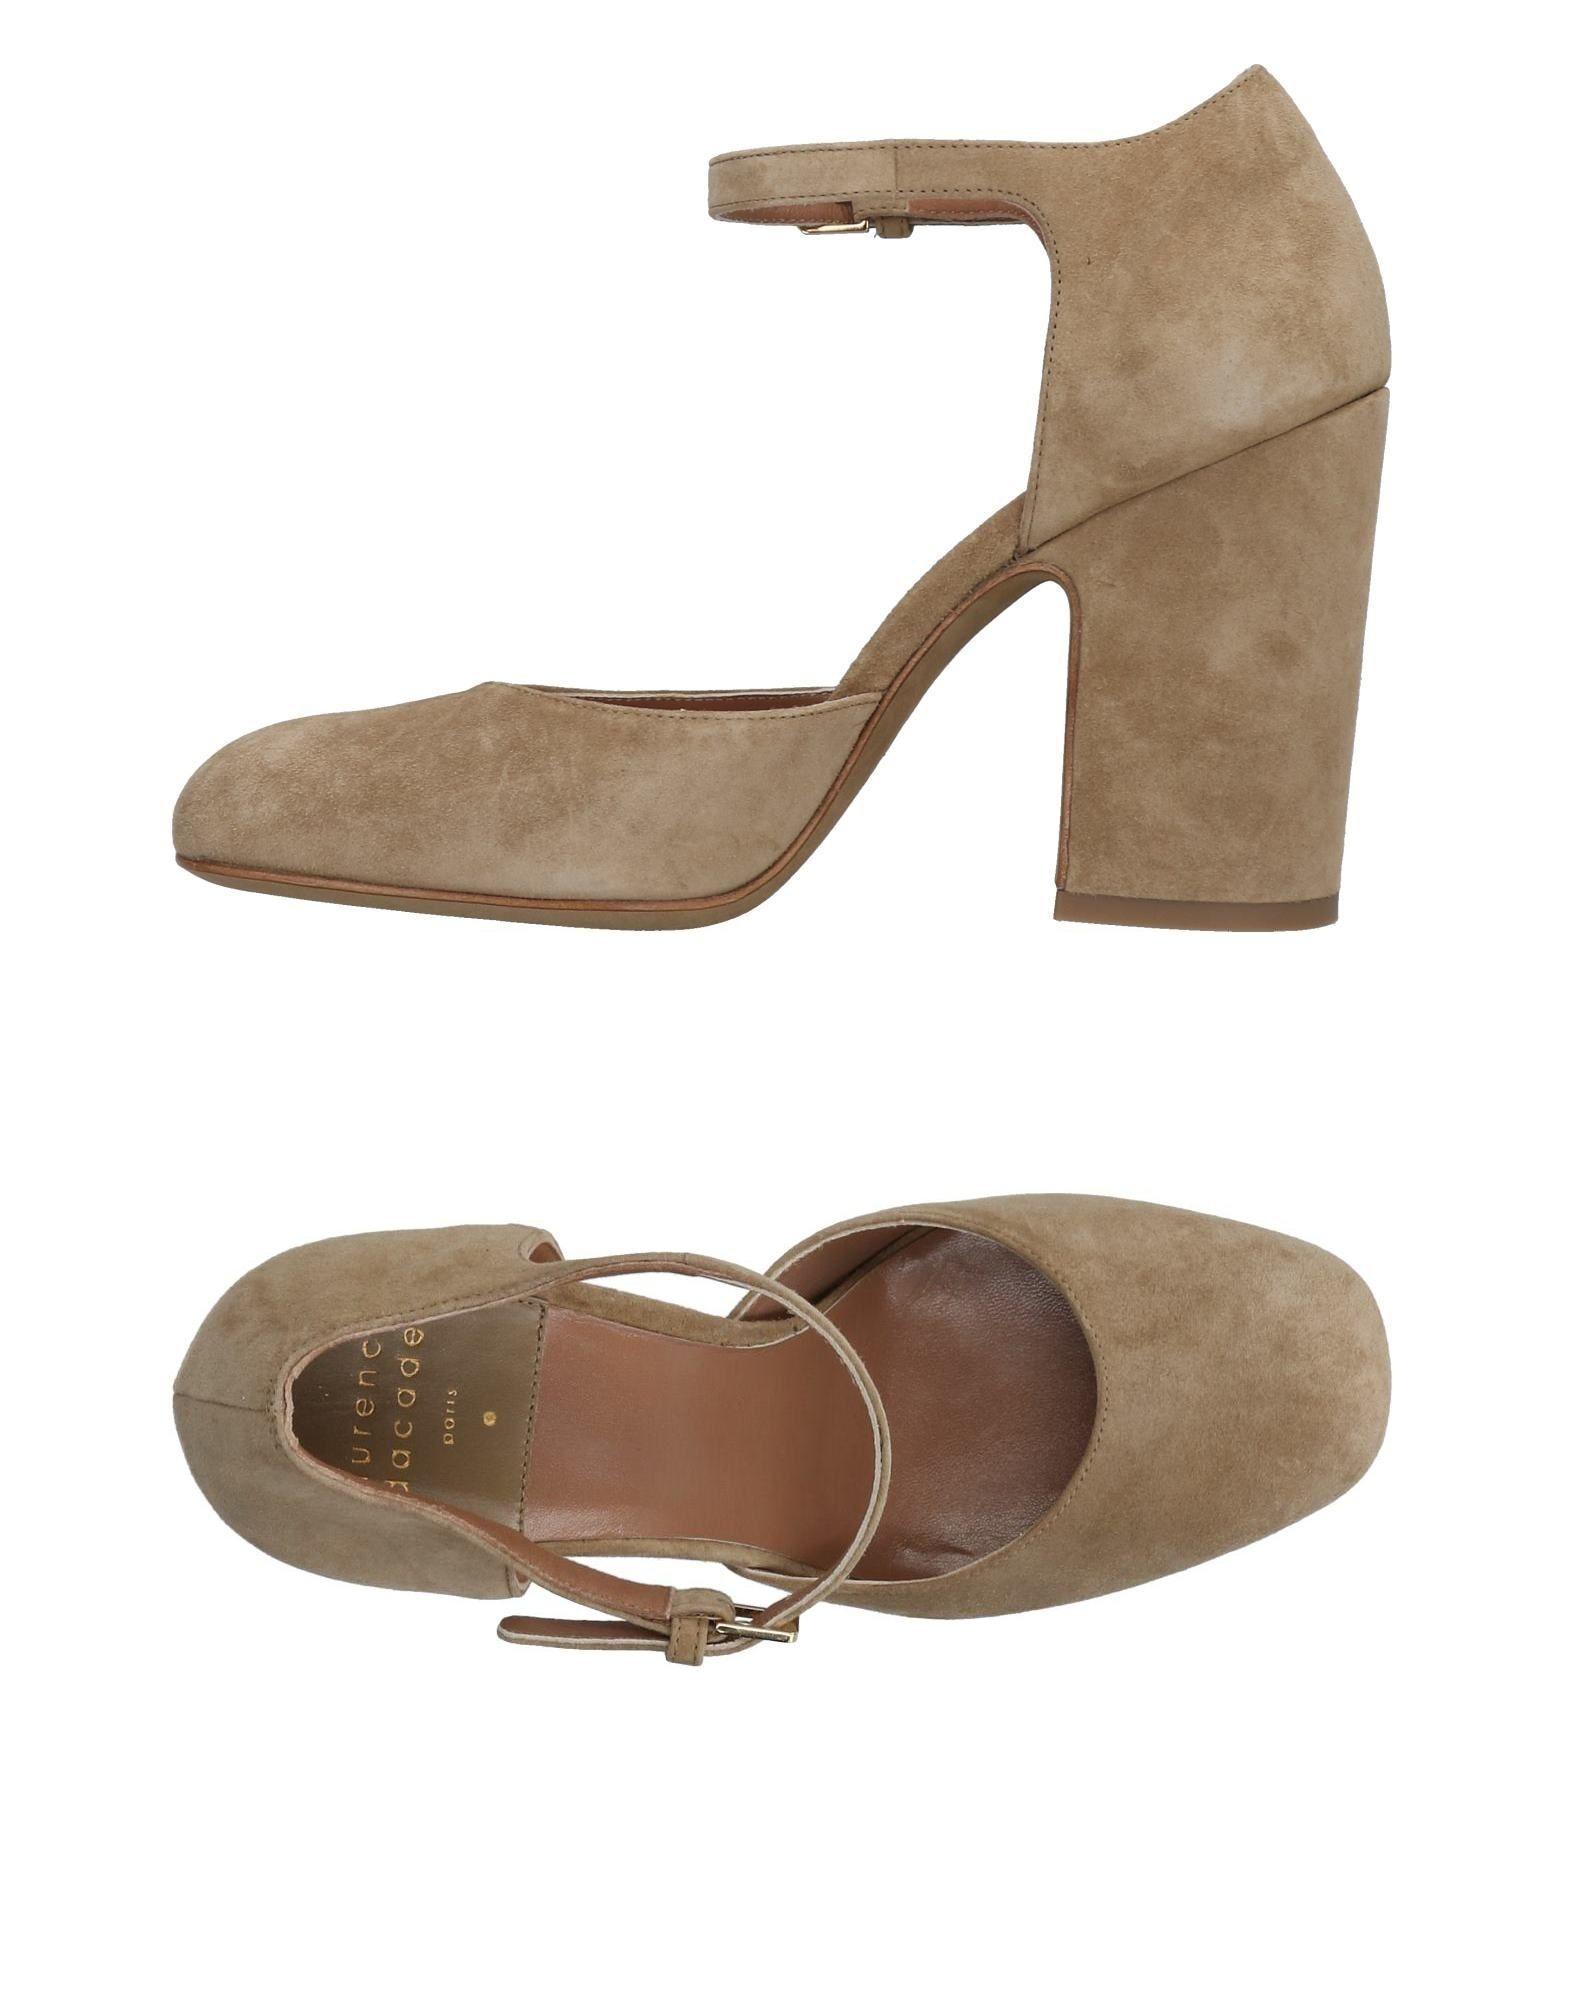 Escarpins Laurence Dacade Femme - Escarpins Laurence Dacade Beige Nouvelles chaussures pour hommes et femmes, remise limitée dans le temps